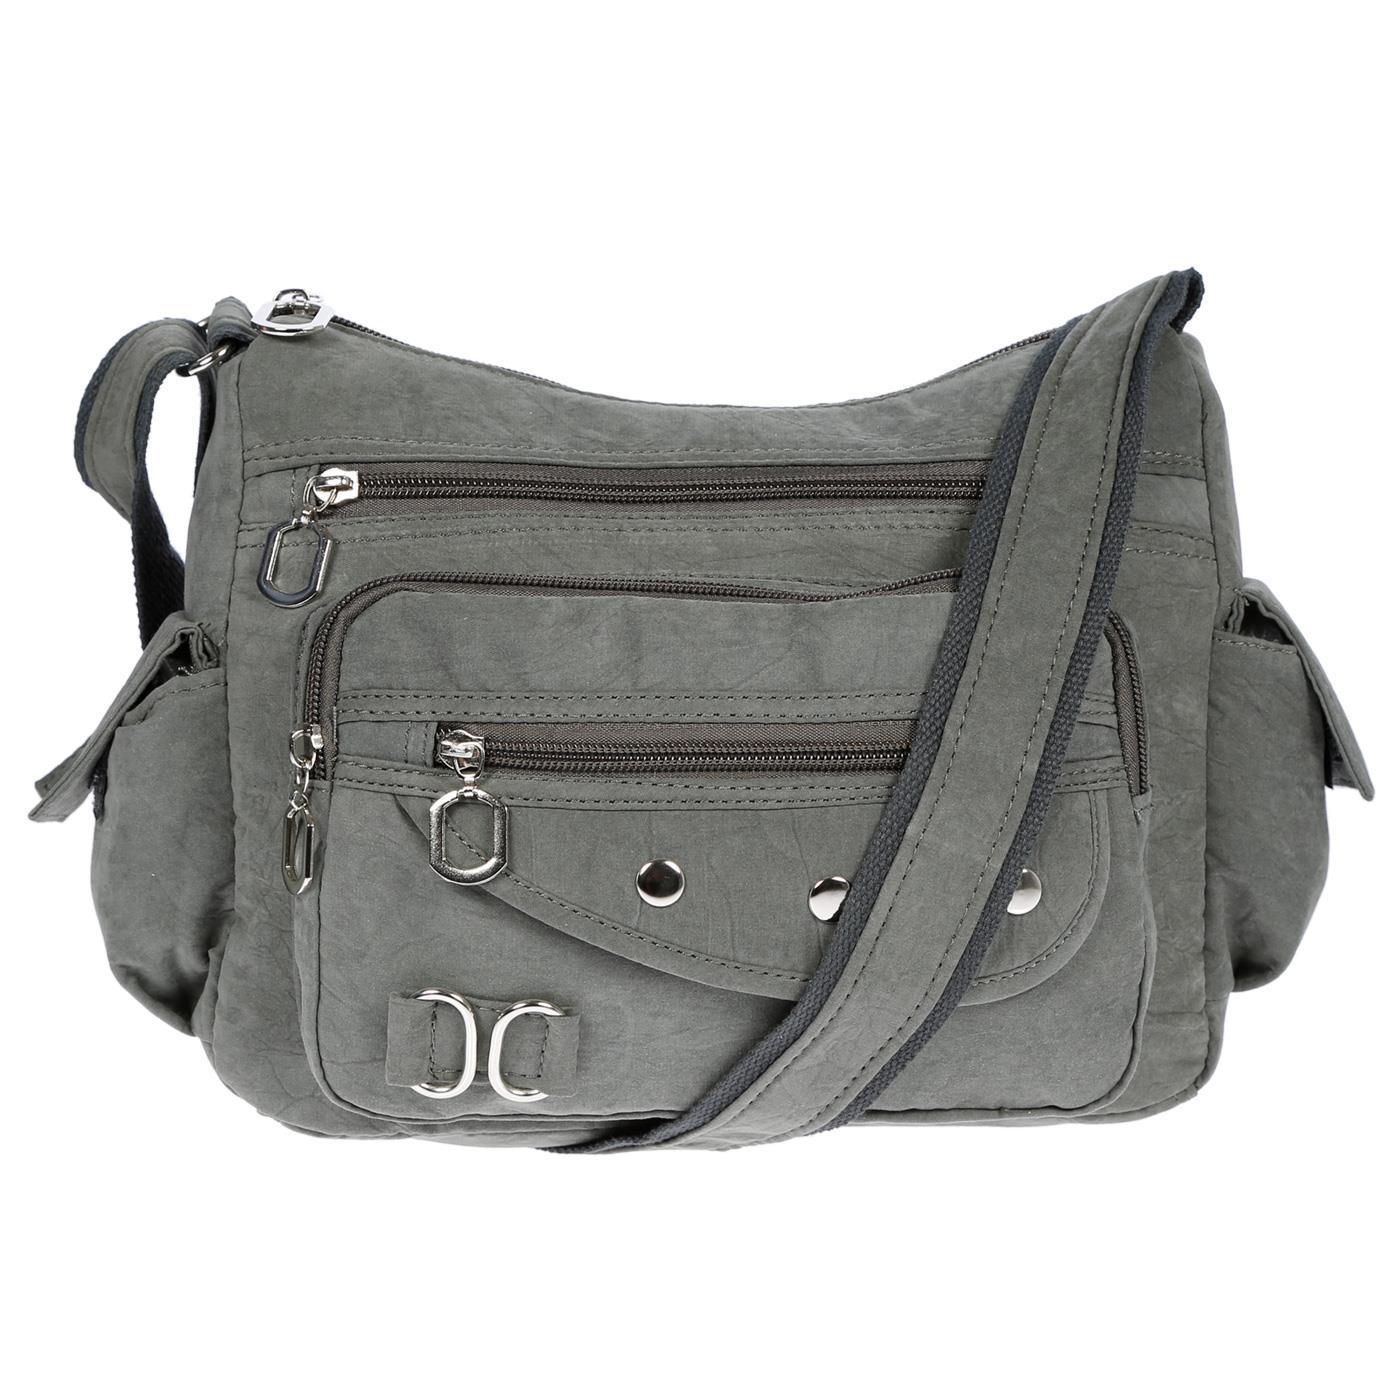 Damenhandtasche-Schultertasche-Tasche-Umhaengetasche-Canvas-Shopper-Crossover-Bag Indexbild 15